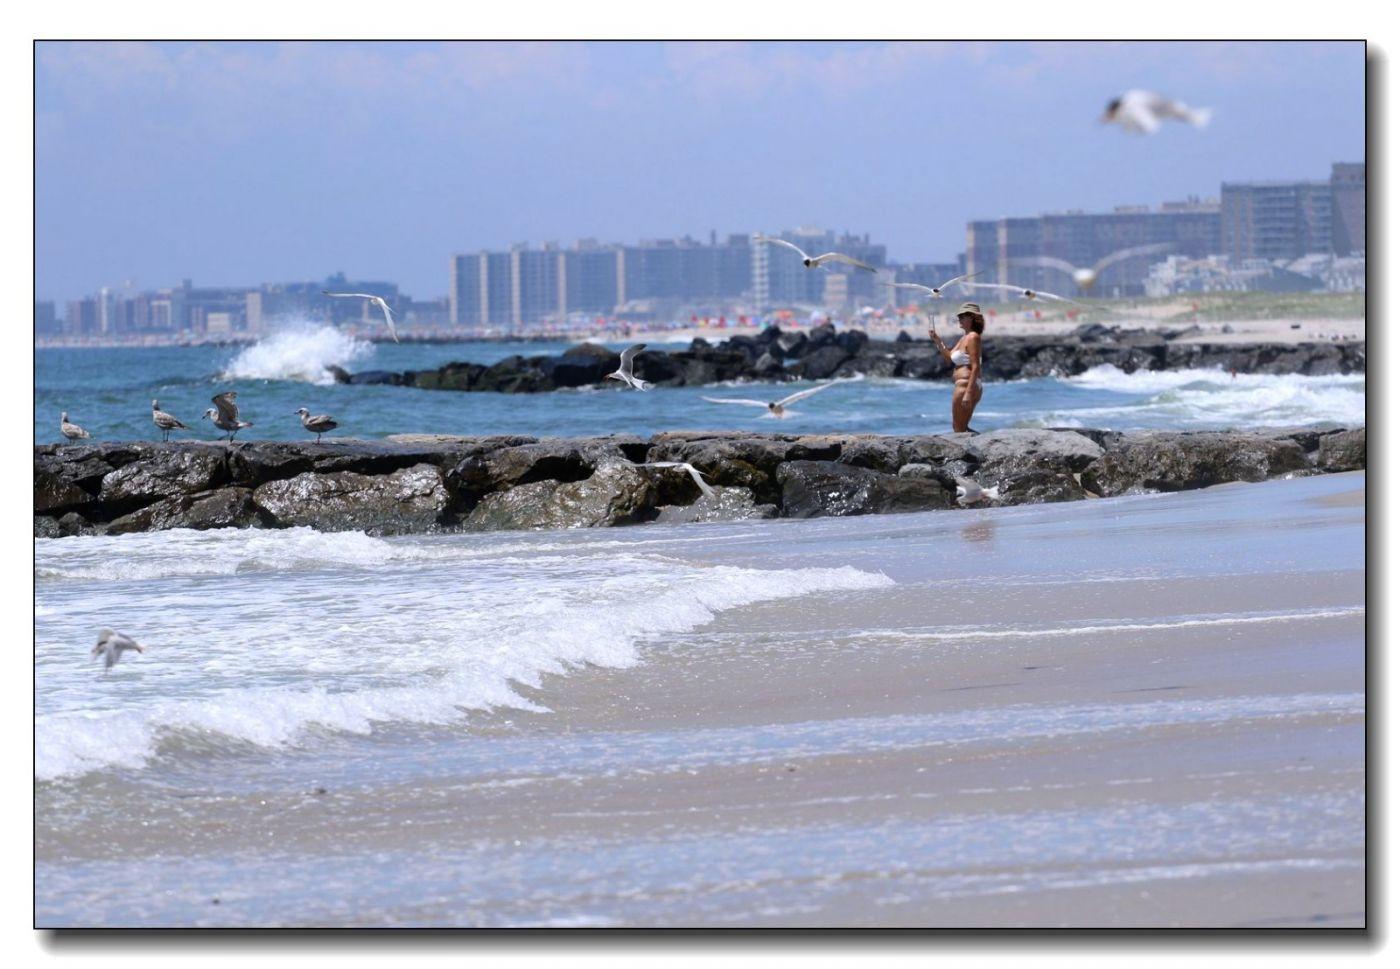 洛克威海滩拍鸟-燕鸥_图1-12